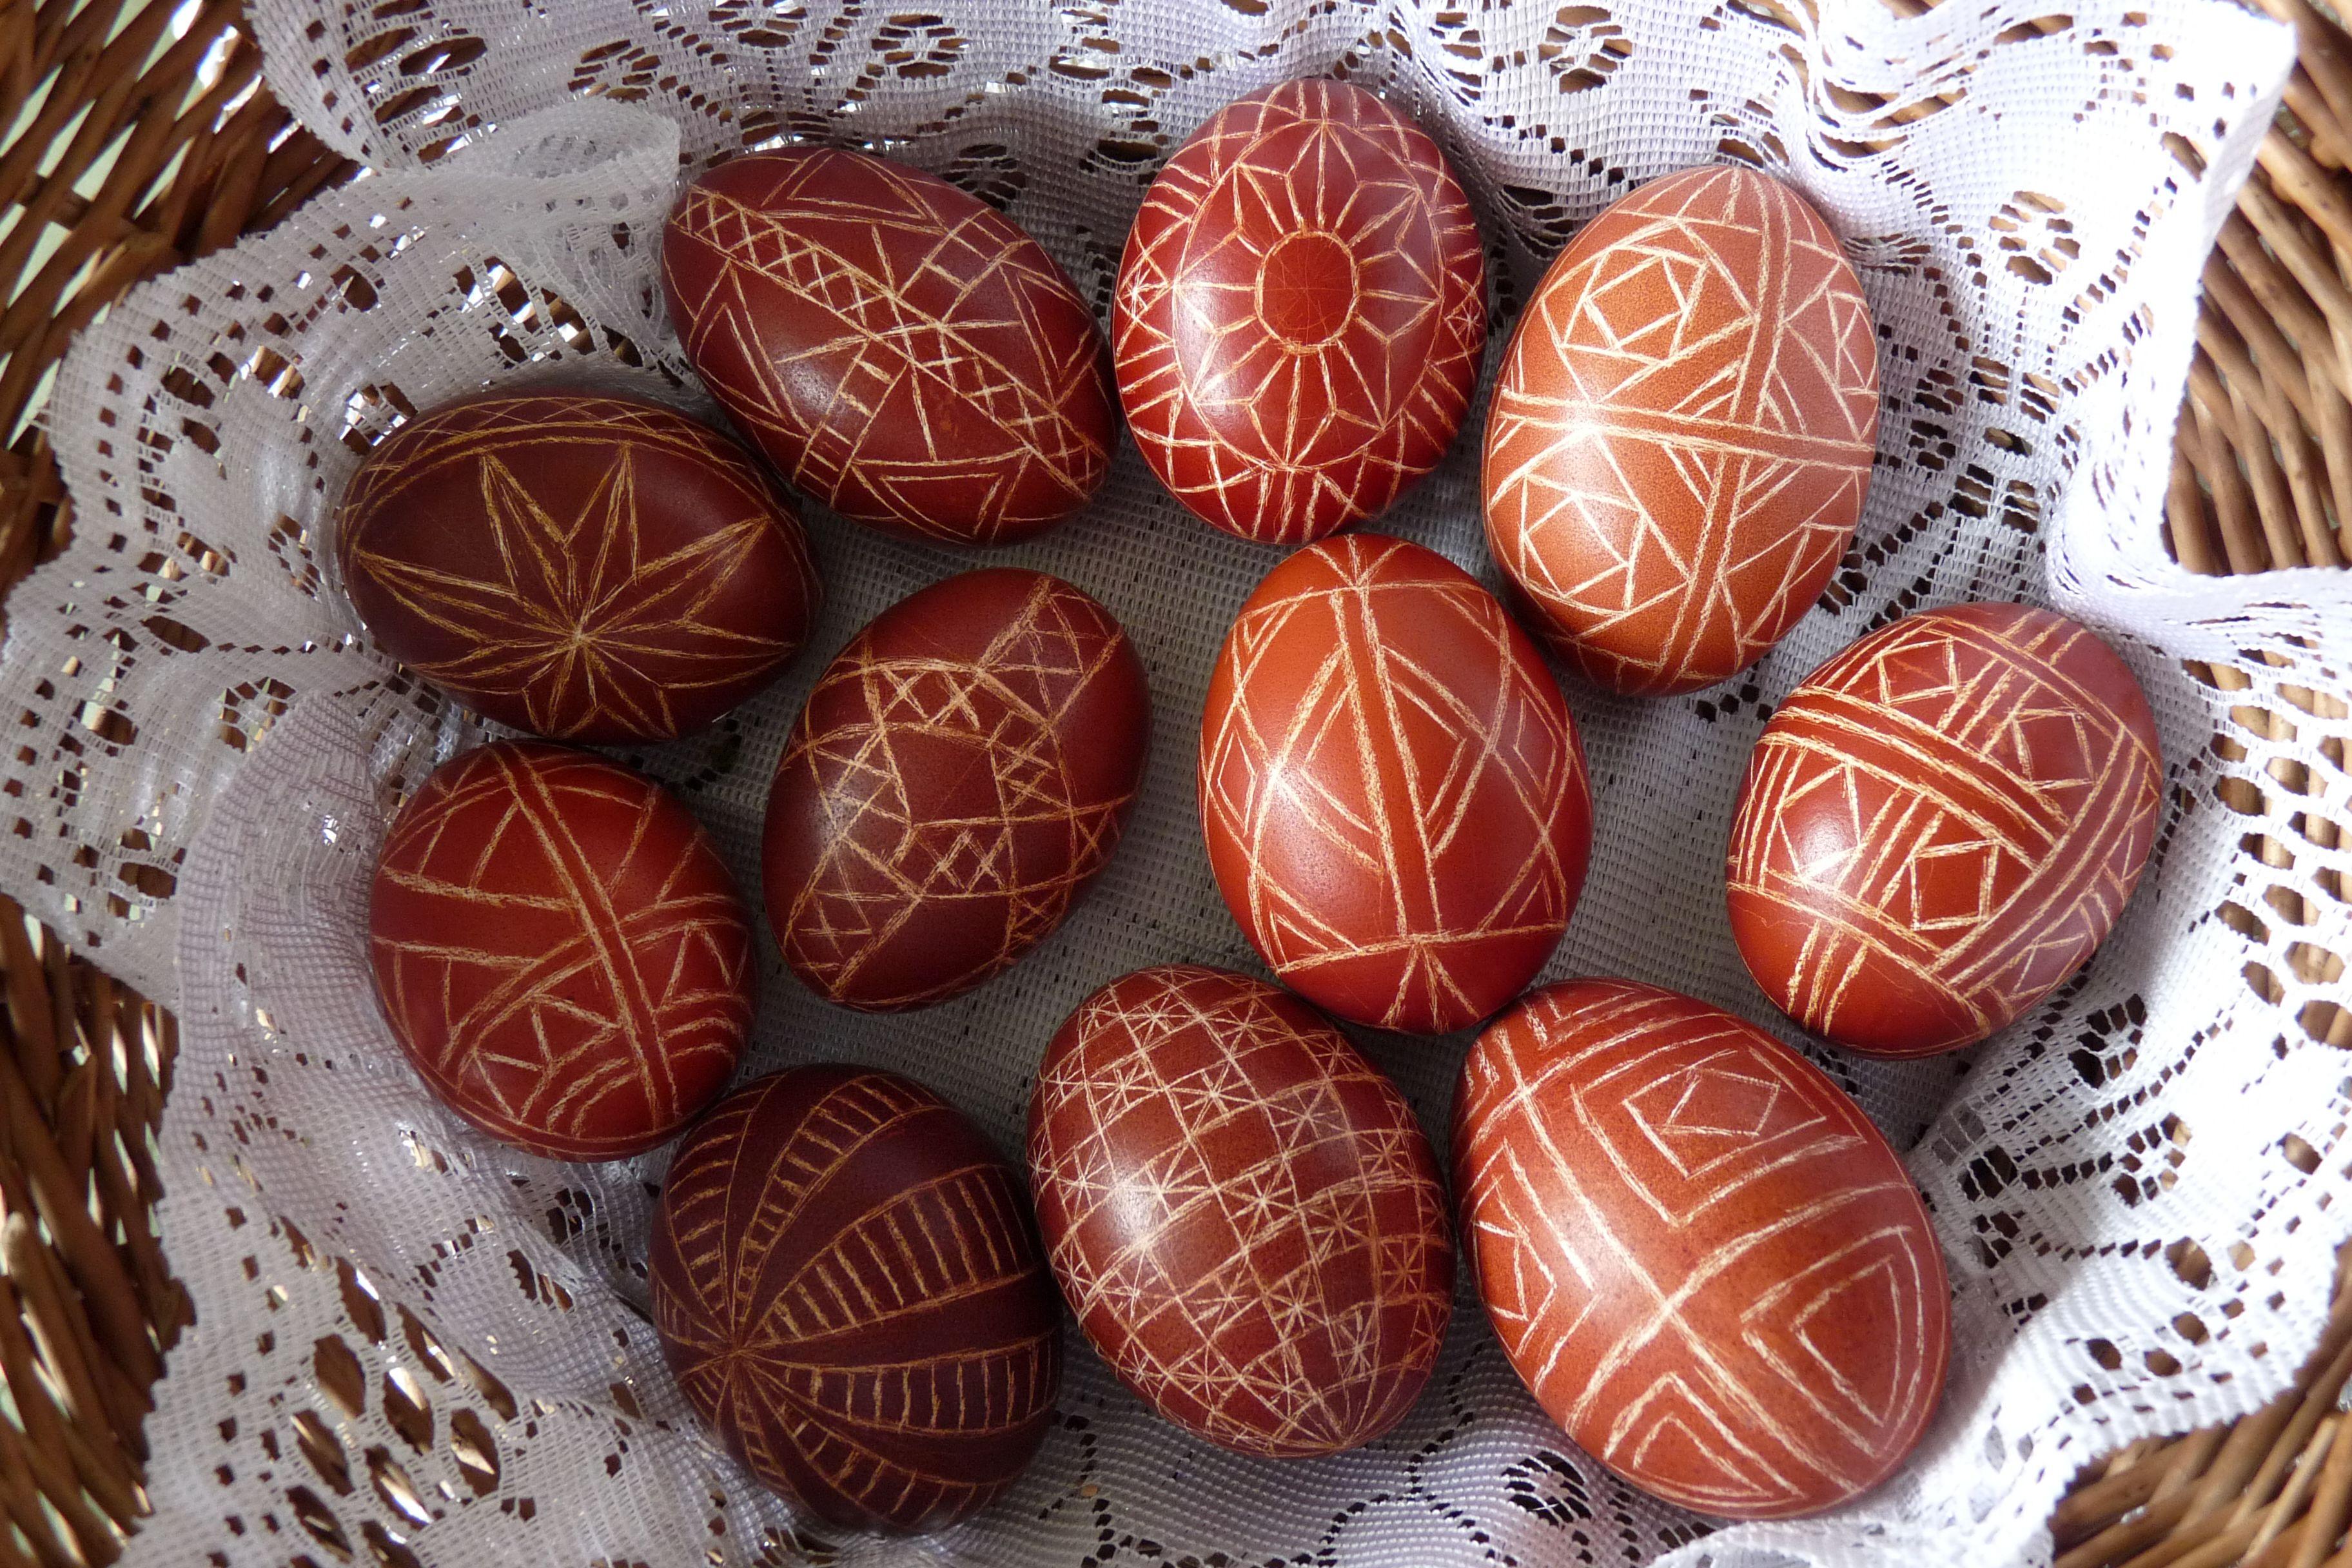 Huevos de Pascua polacos con diseño rayado